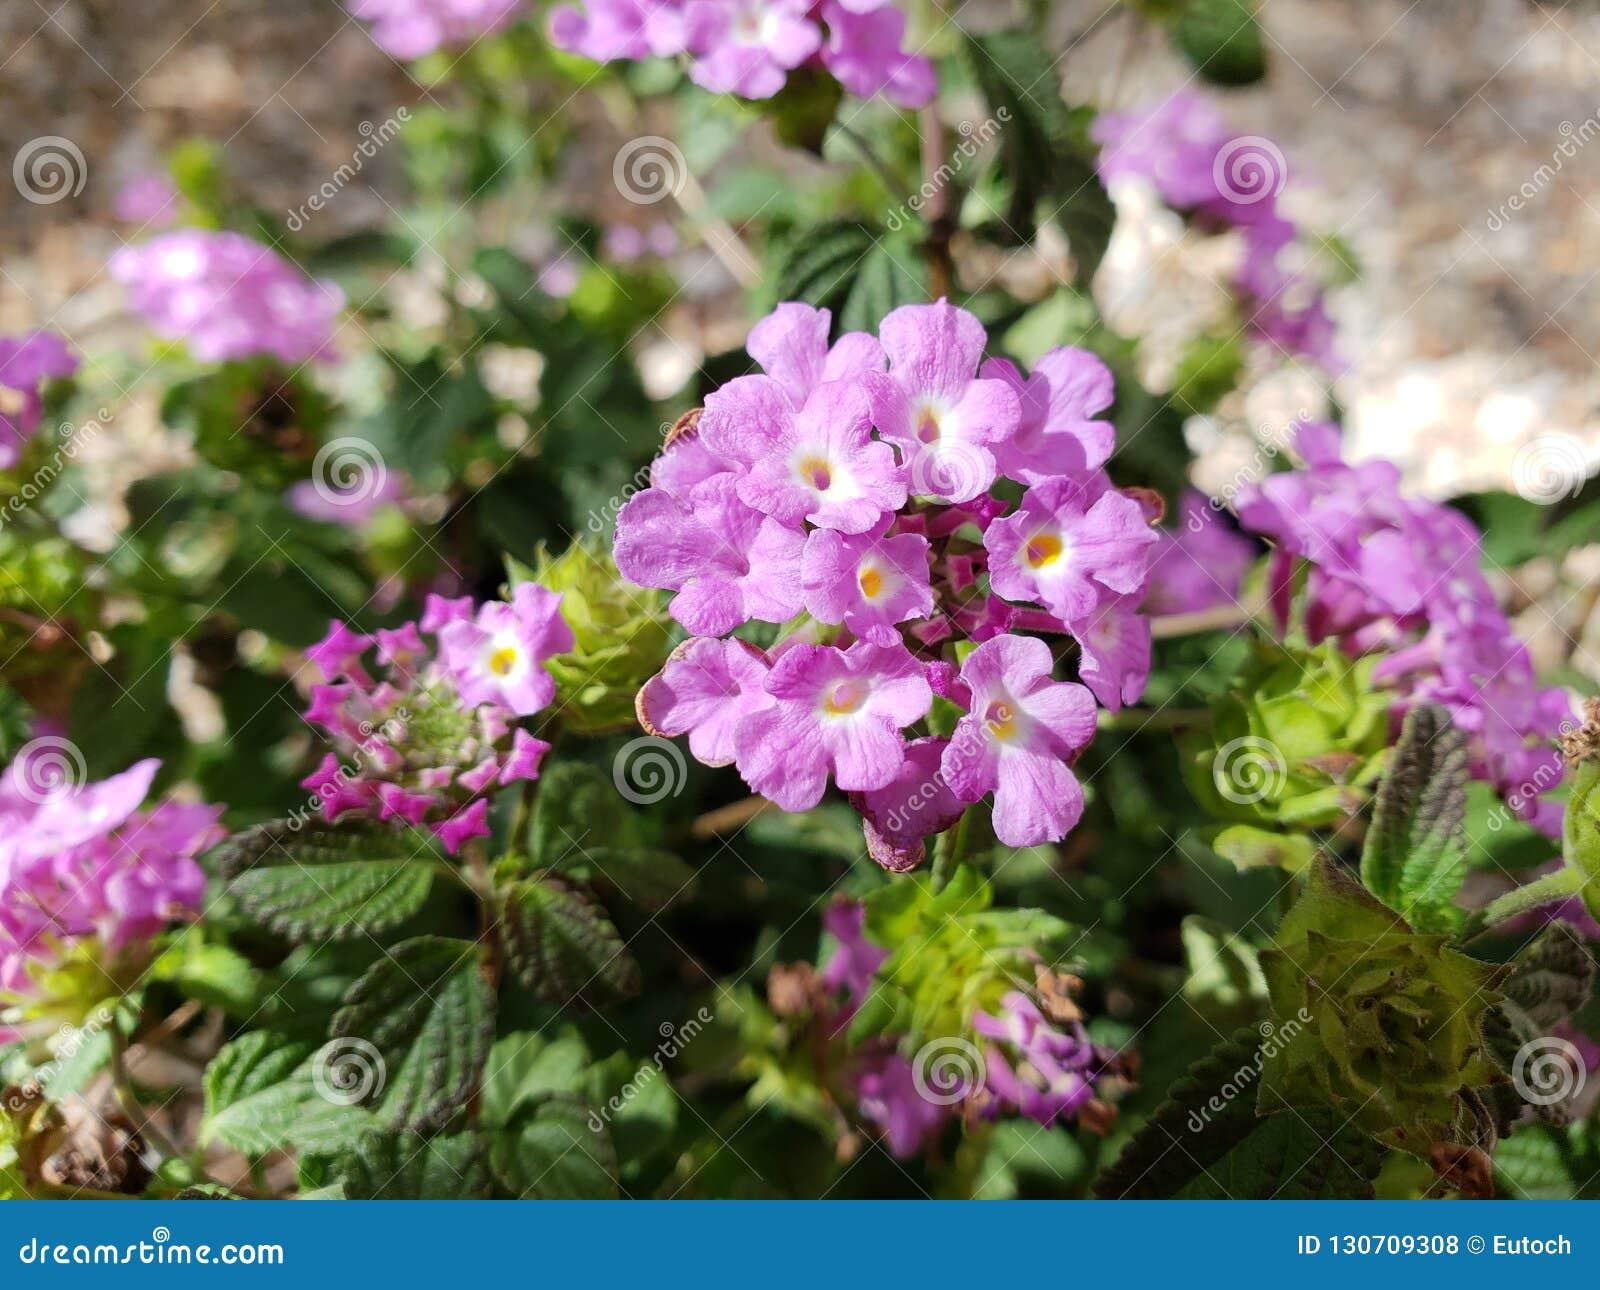 Lavender Trailing Lantana Stock Photo Image Of Ground 130709308